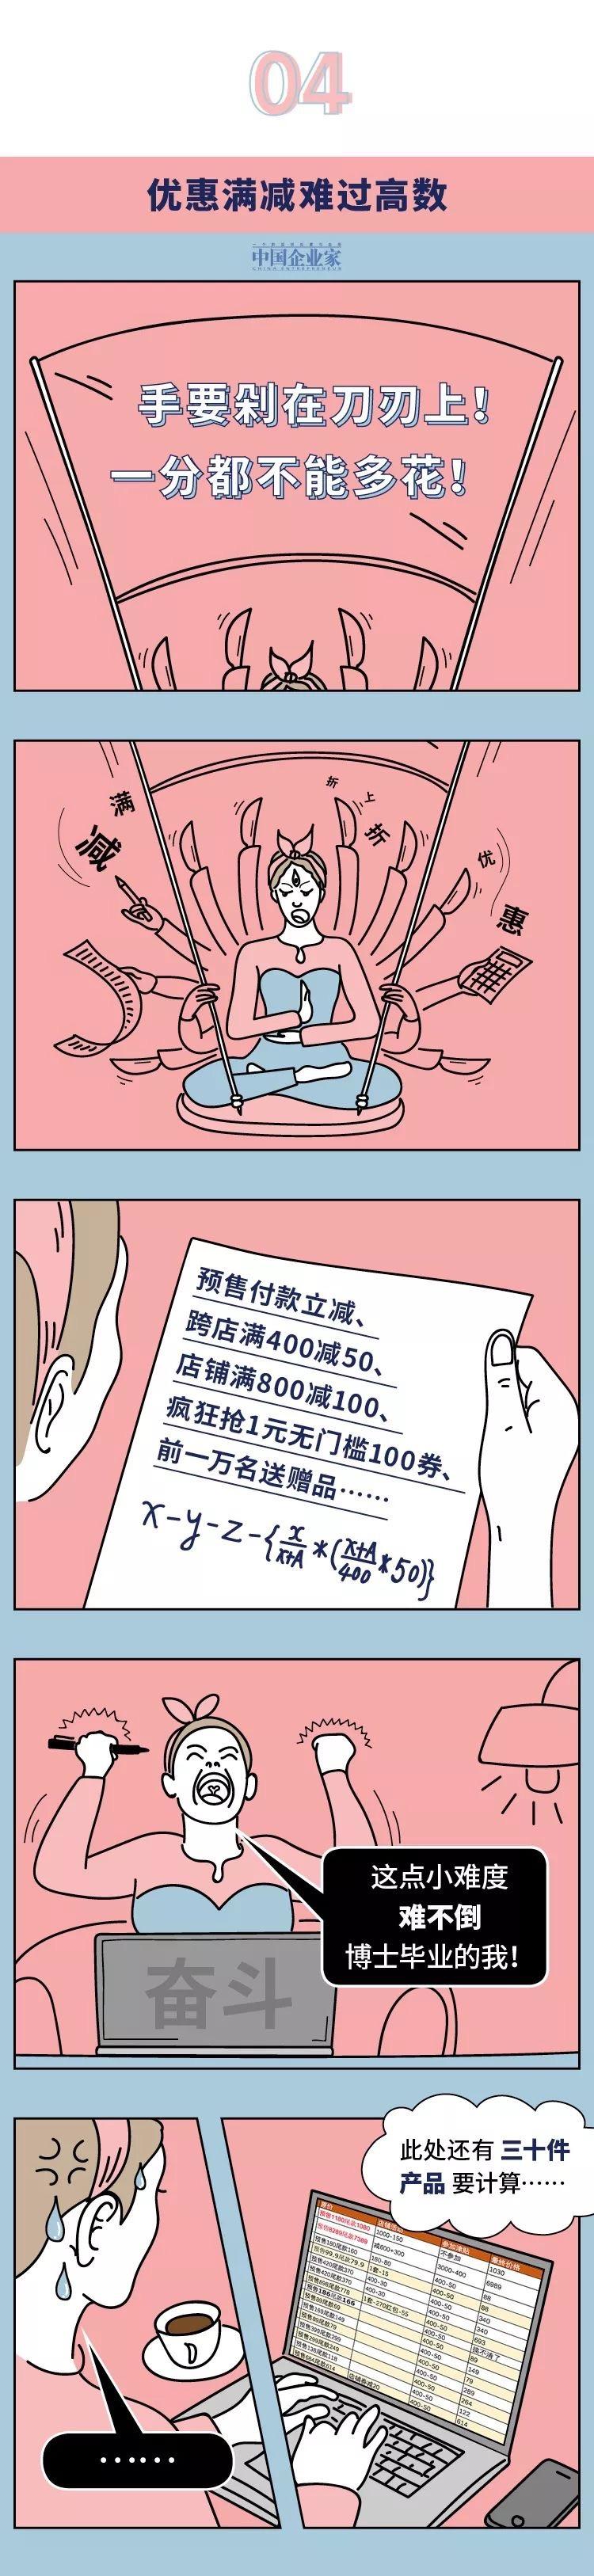 4.jpeg